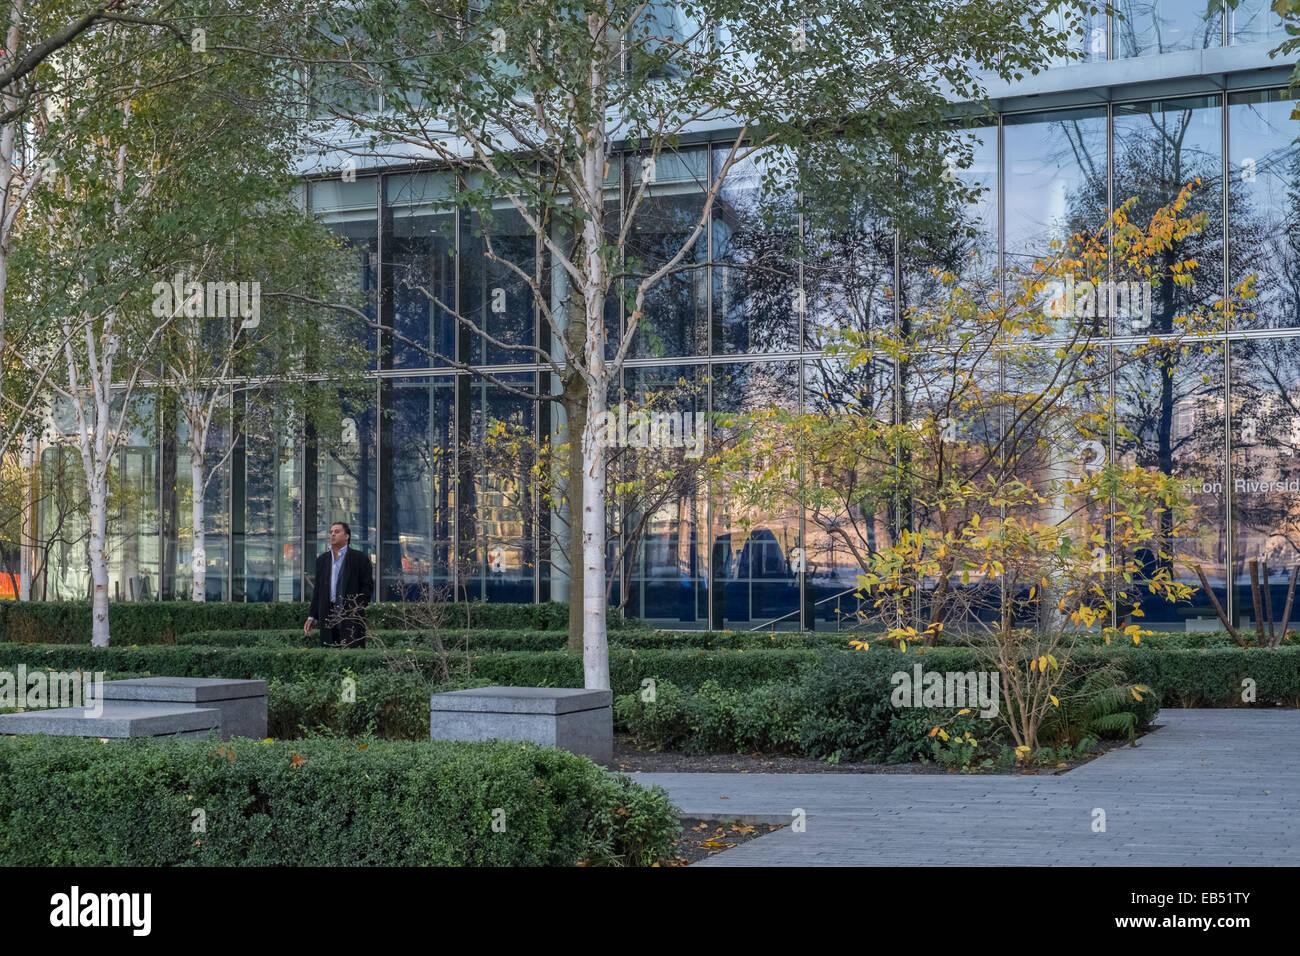 Architektur Bã¼Ro | Mann In Moderner Architektur Buro Garten Mehr London Place London